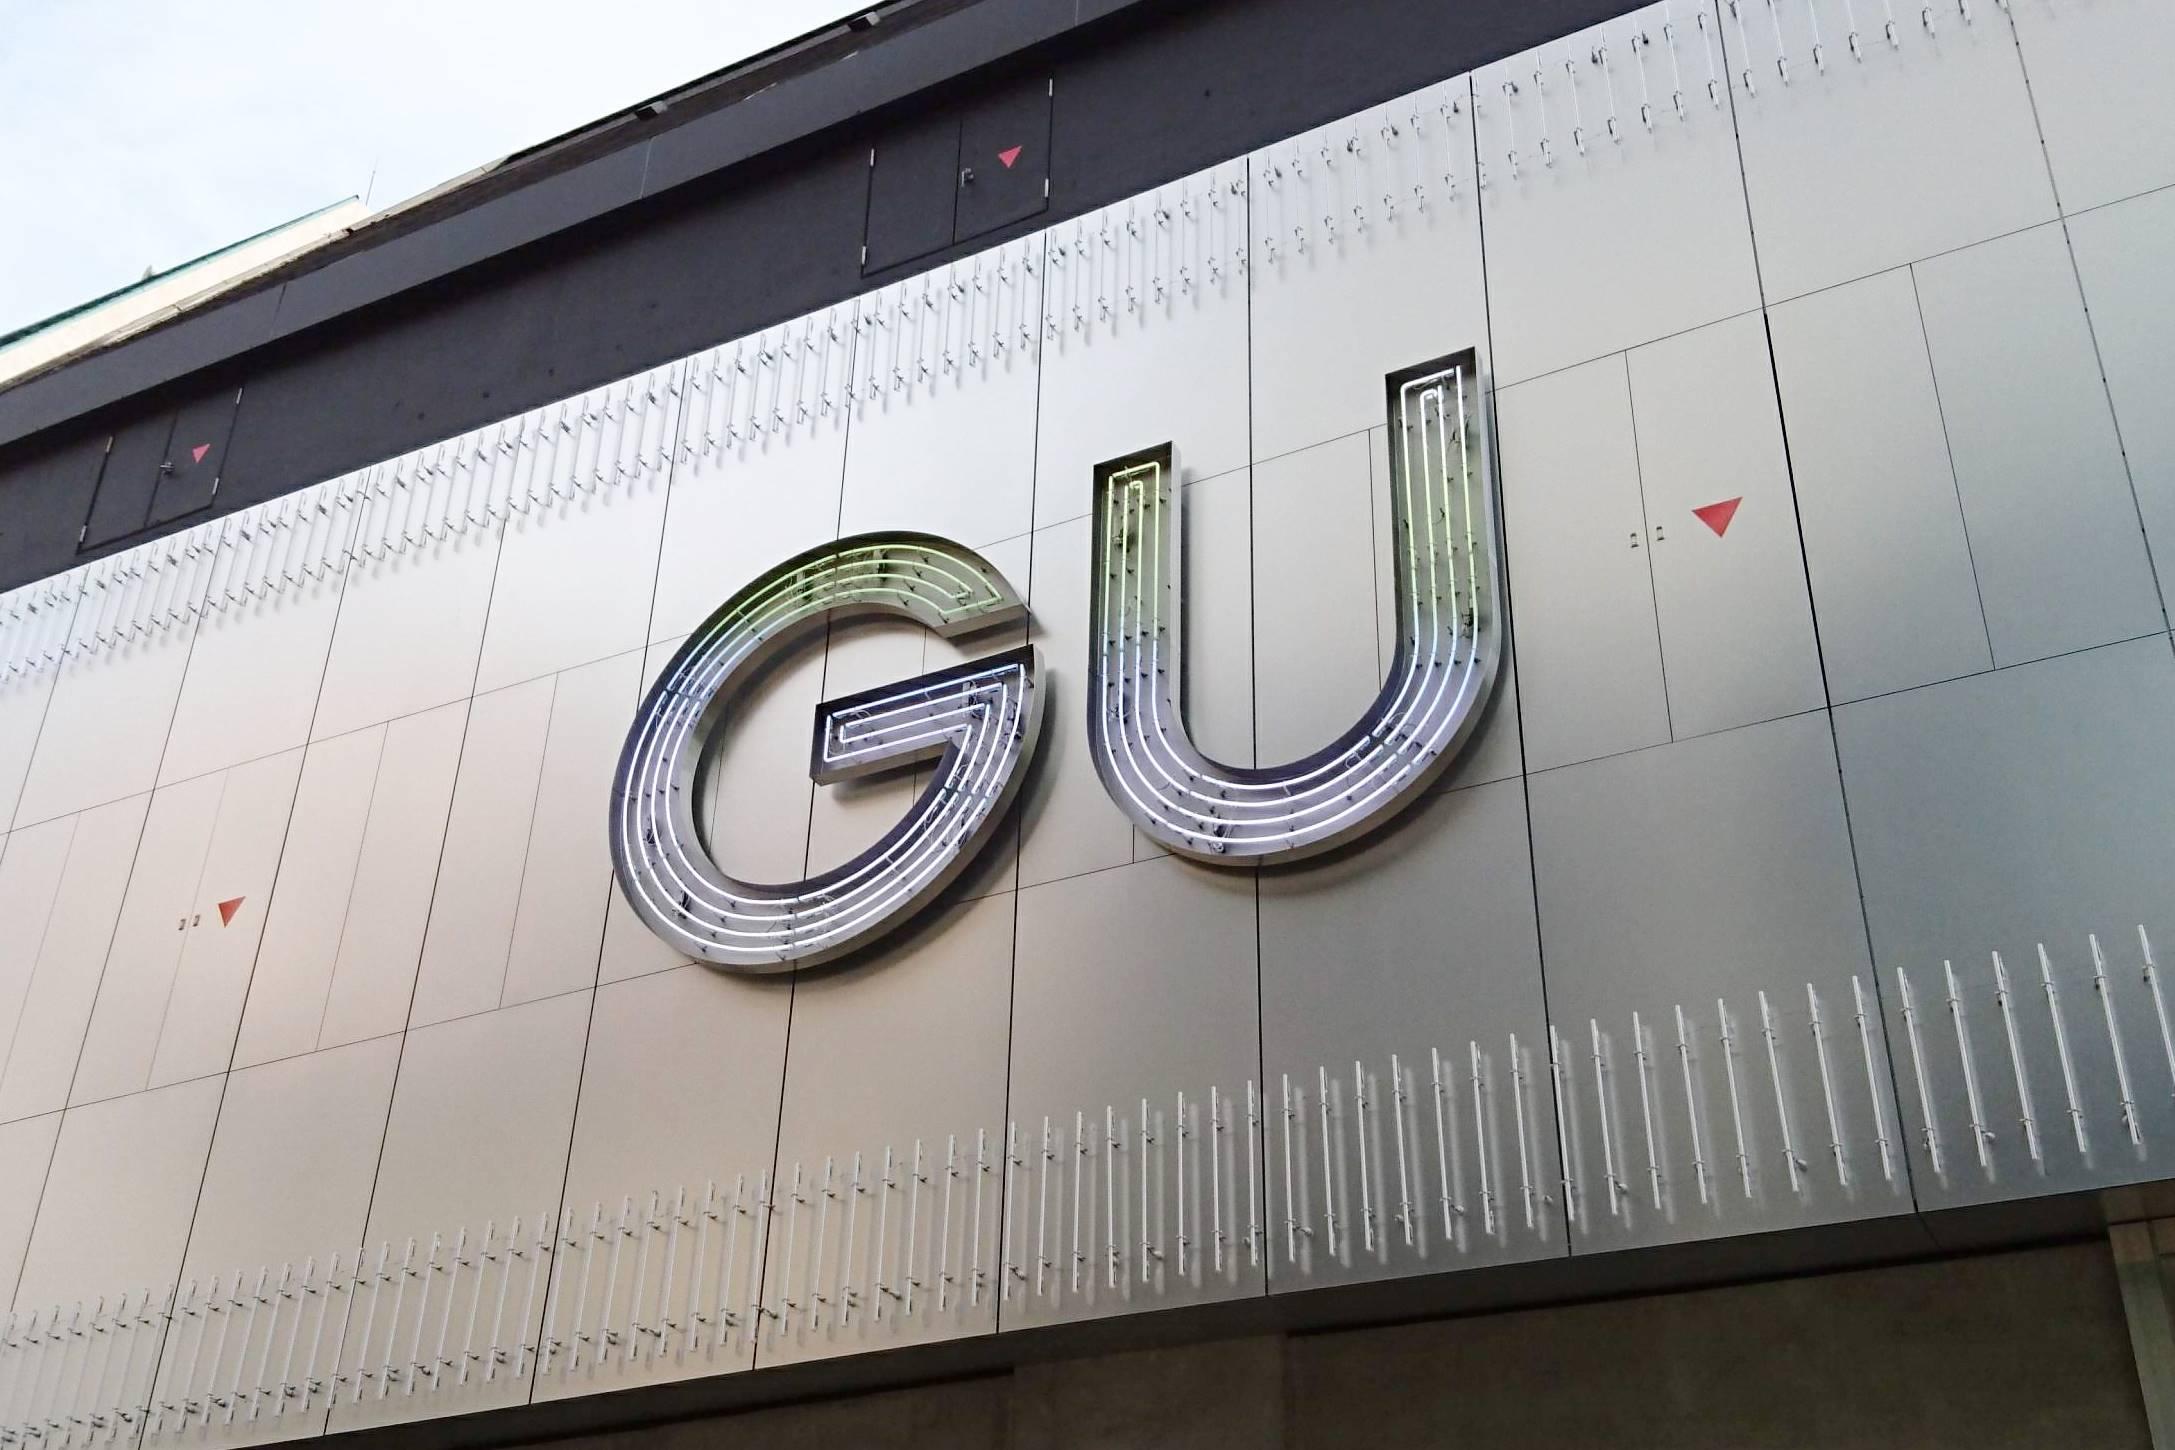 【GU】春はすぐそこ♡今買うべき人気ランキング入りした旬アイテム4選